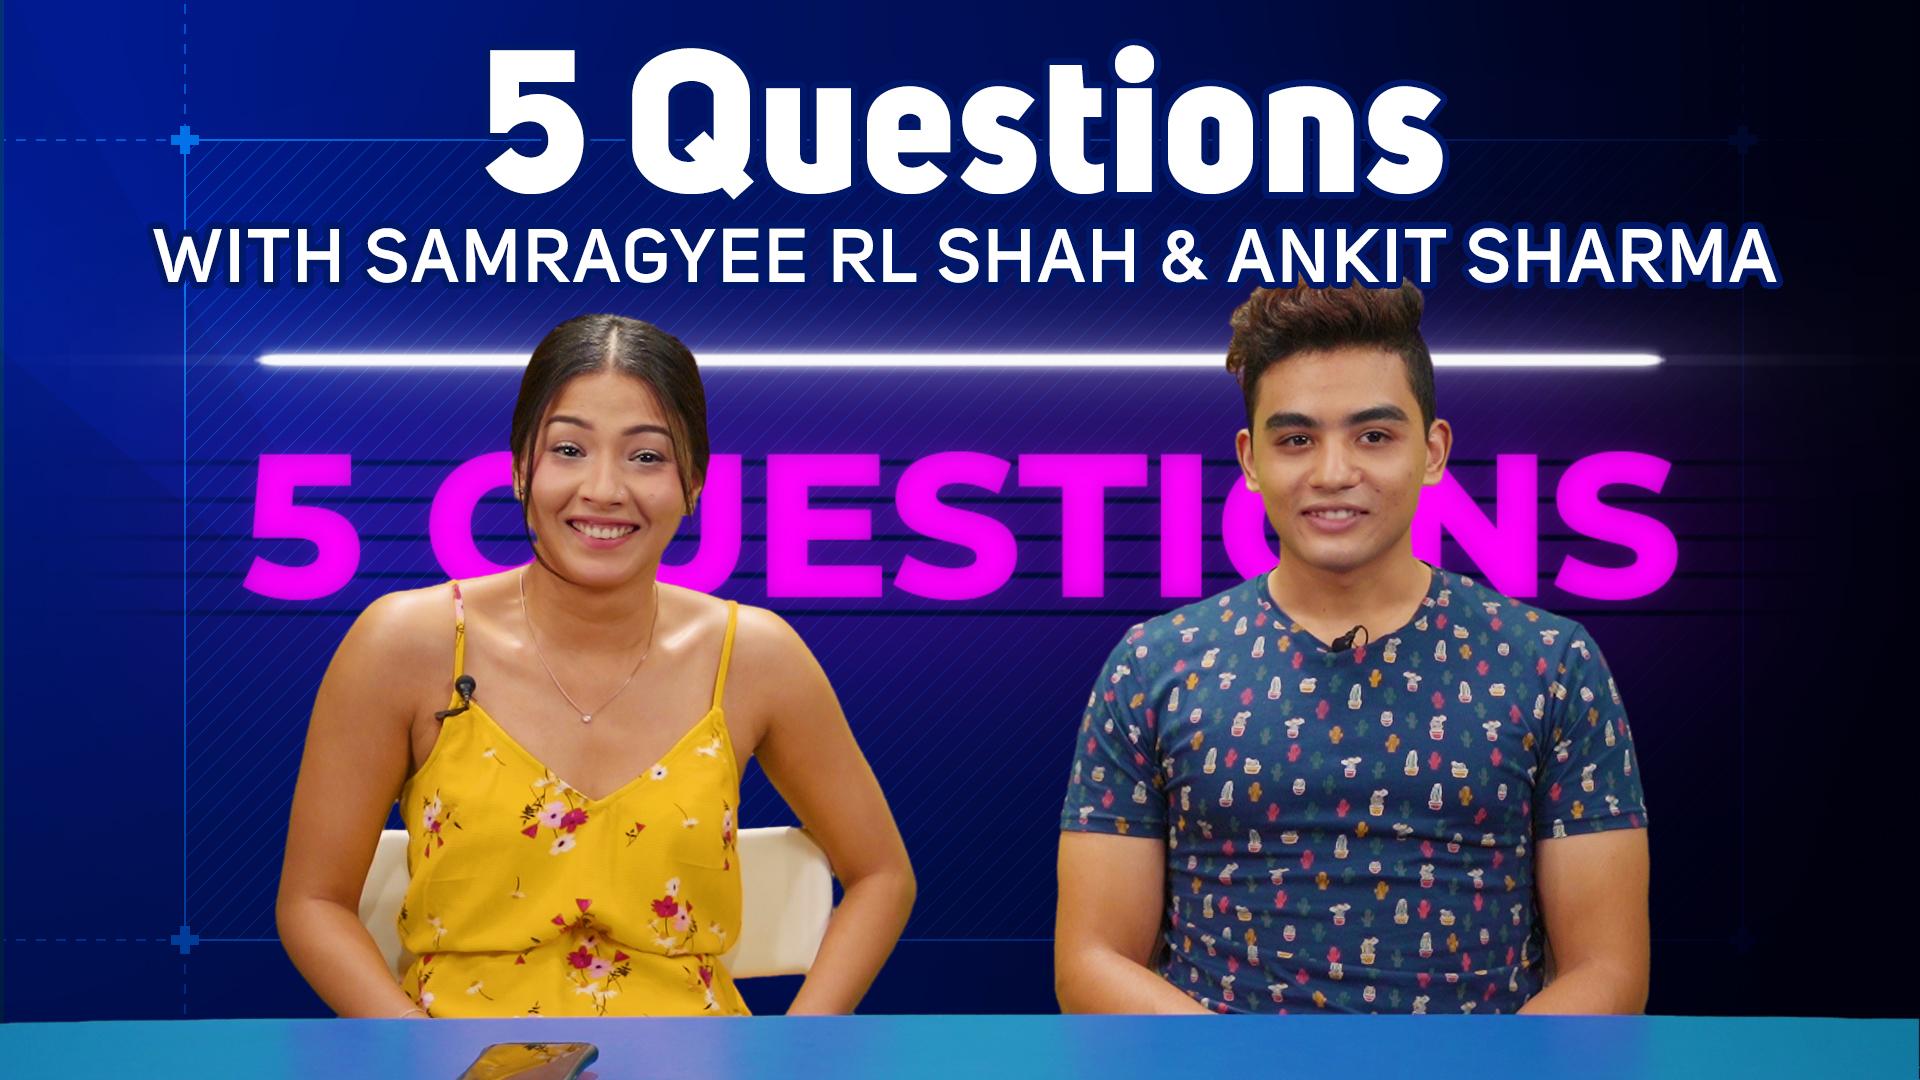 5 Questions with Samragyee RL Shah & Ankit Sharma | Rato Tika Nidhar Ma